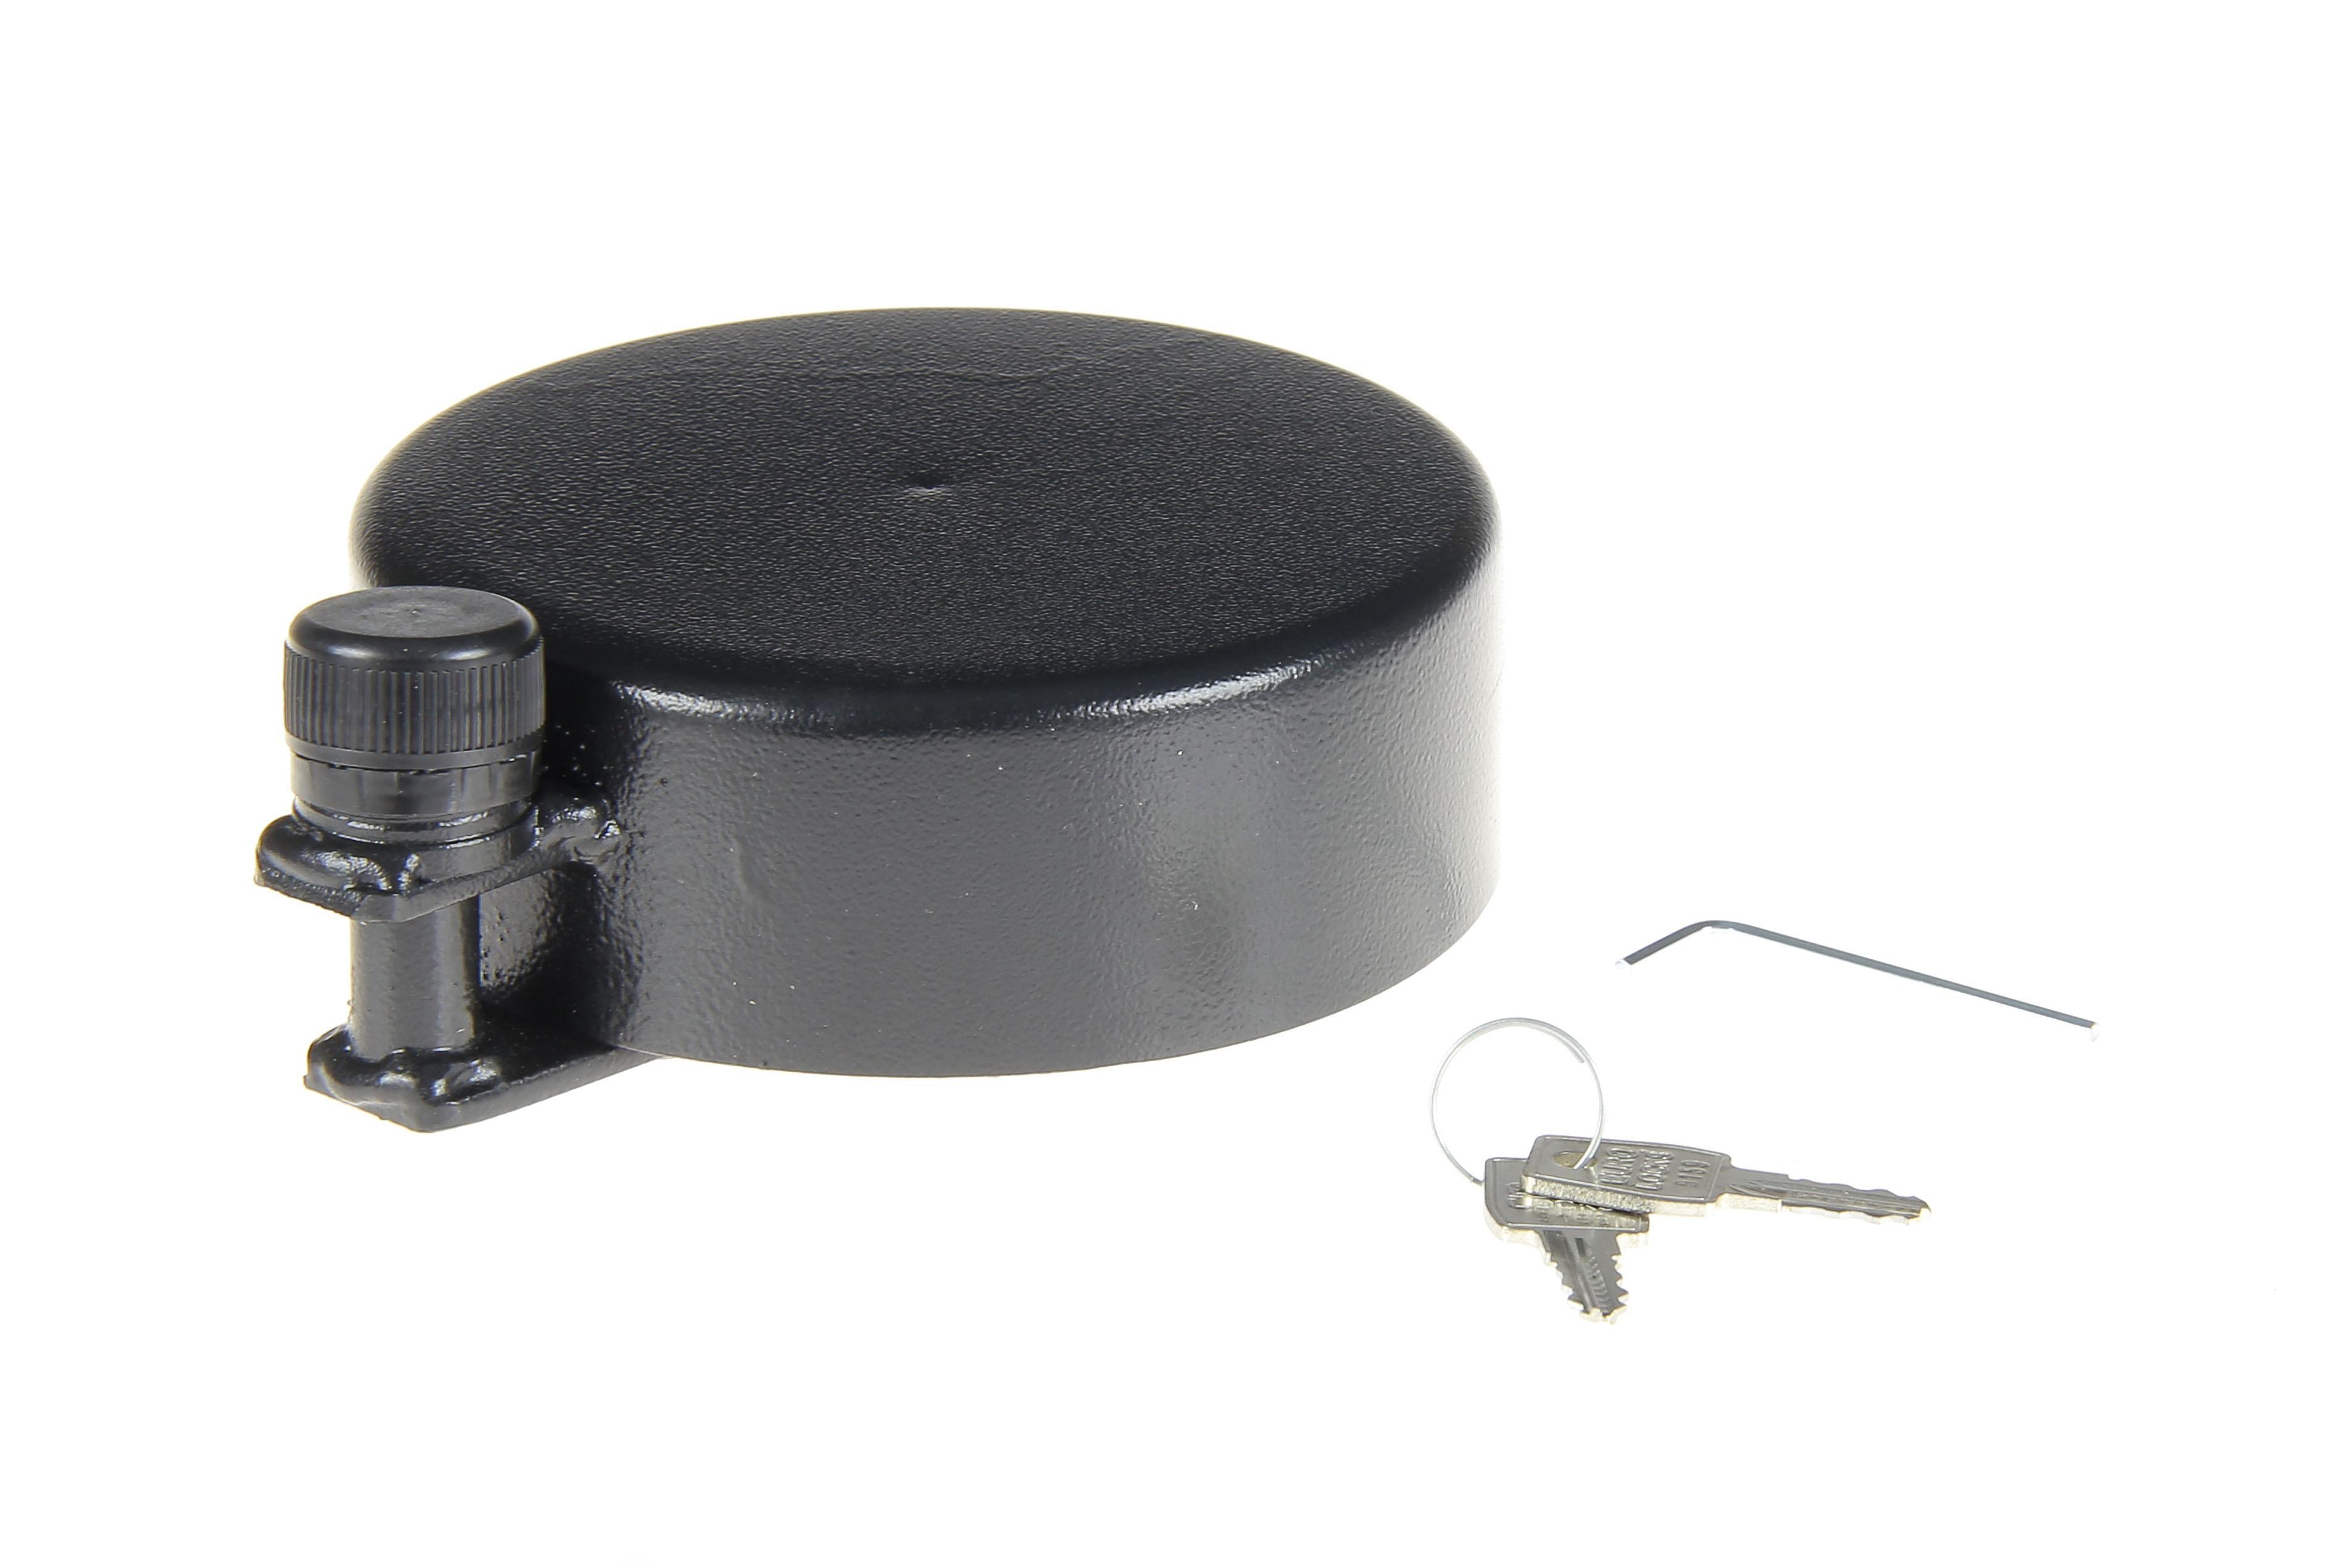 Zabezpieczenie wlewu zbiornika baku paliwa pełne kluczyk